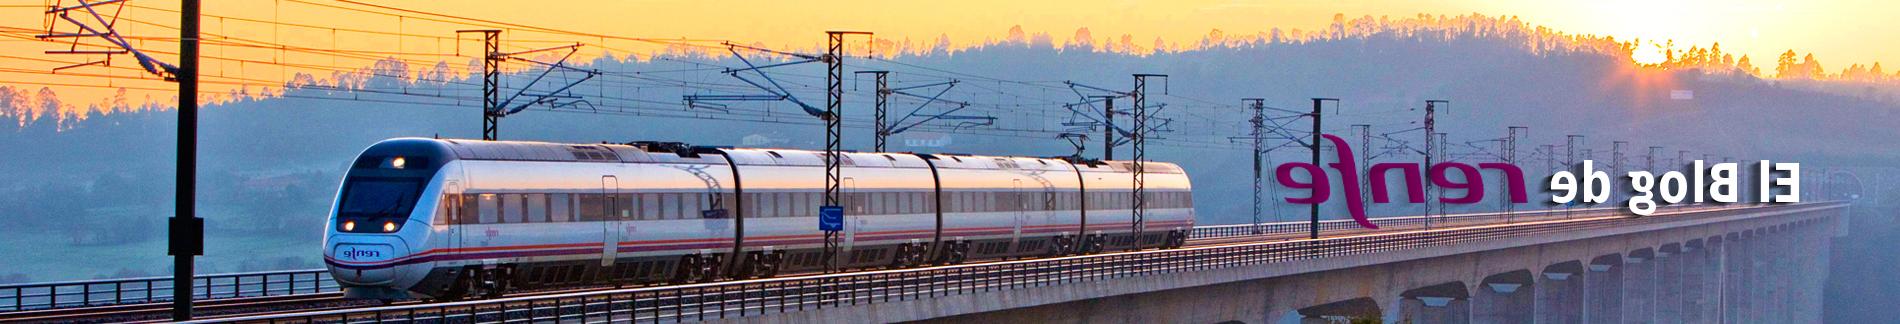 Horario Trenes Vigo Coruña O2d5 Cà Mo Presentar Una Reclamacià N En Renfe El Blog De Renfe